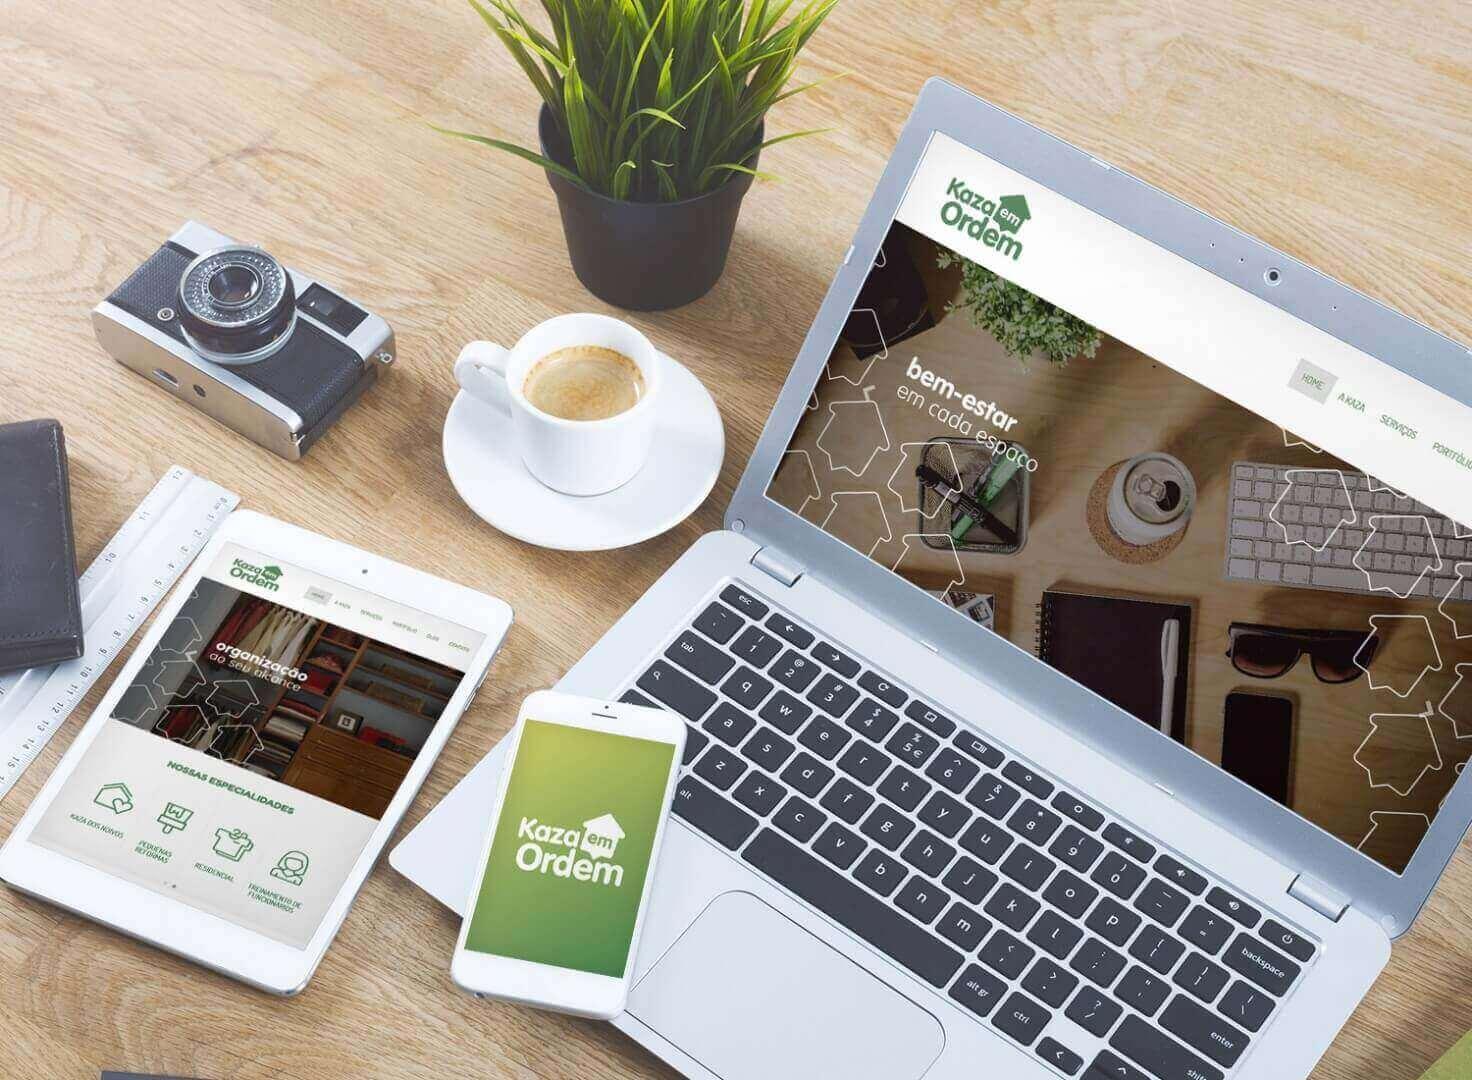 4d94b9d372dee Criação de sites - Criar websites é nossa especialidade